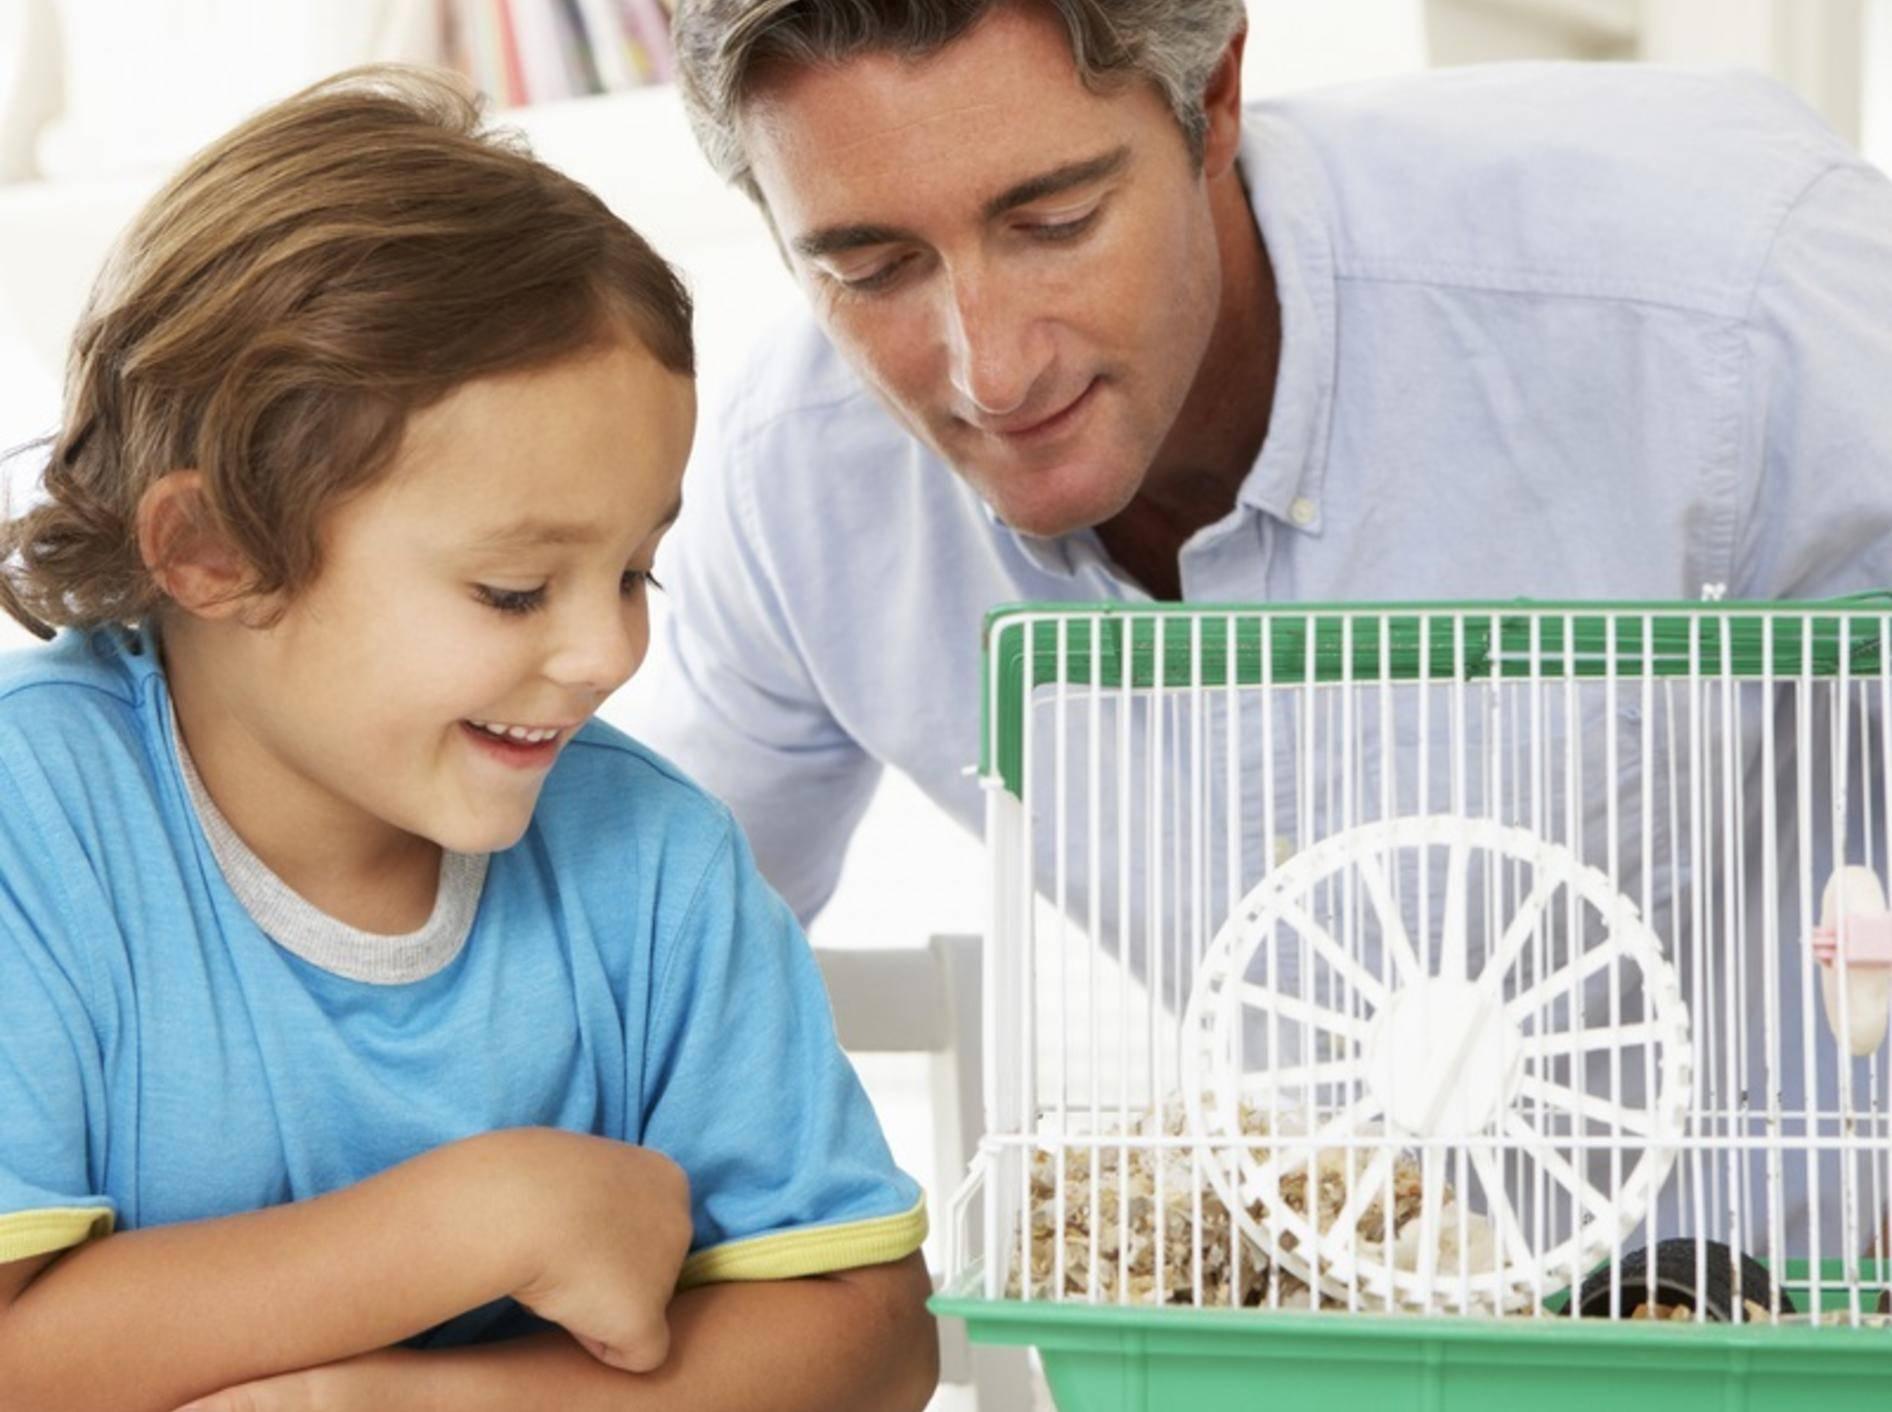 """""""Hamster beobachten macht Spaß und noch viel mehr, wenn Papa dabei ist!"""" – Shutterstock / Monkey Business Images"""